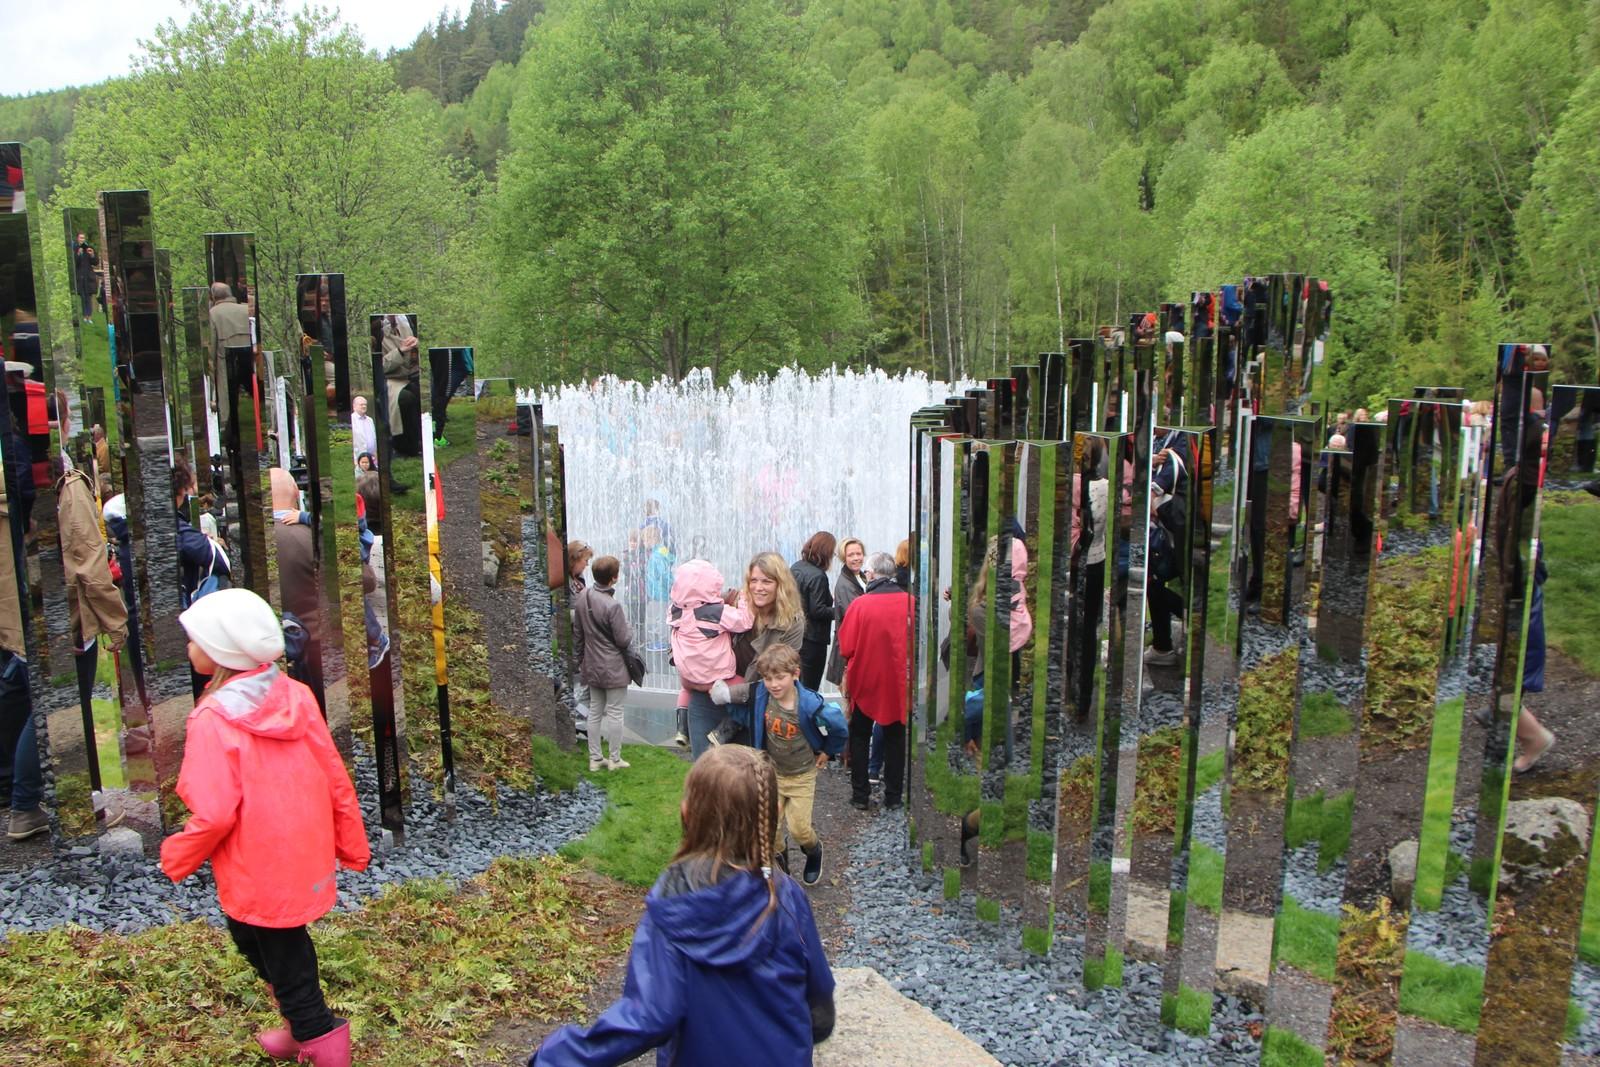 Og endelig fikk publikum ta kunstverket nærmere i øyesyn. Det er bygget opp av 460 speilblanke søyler.